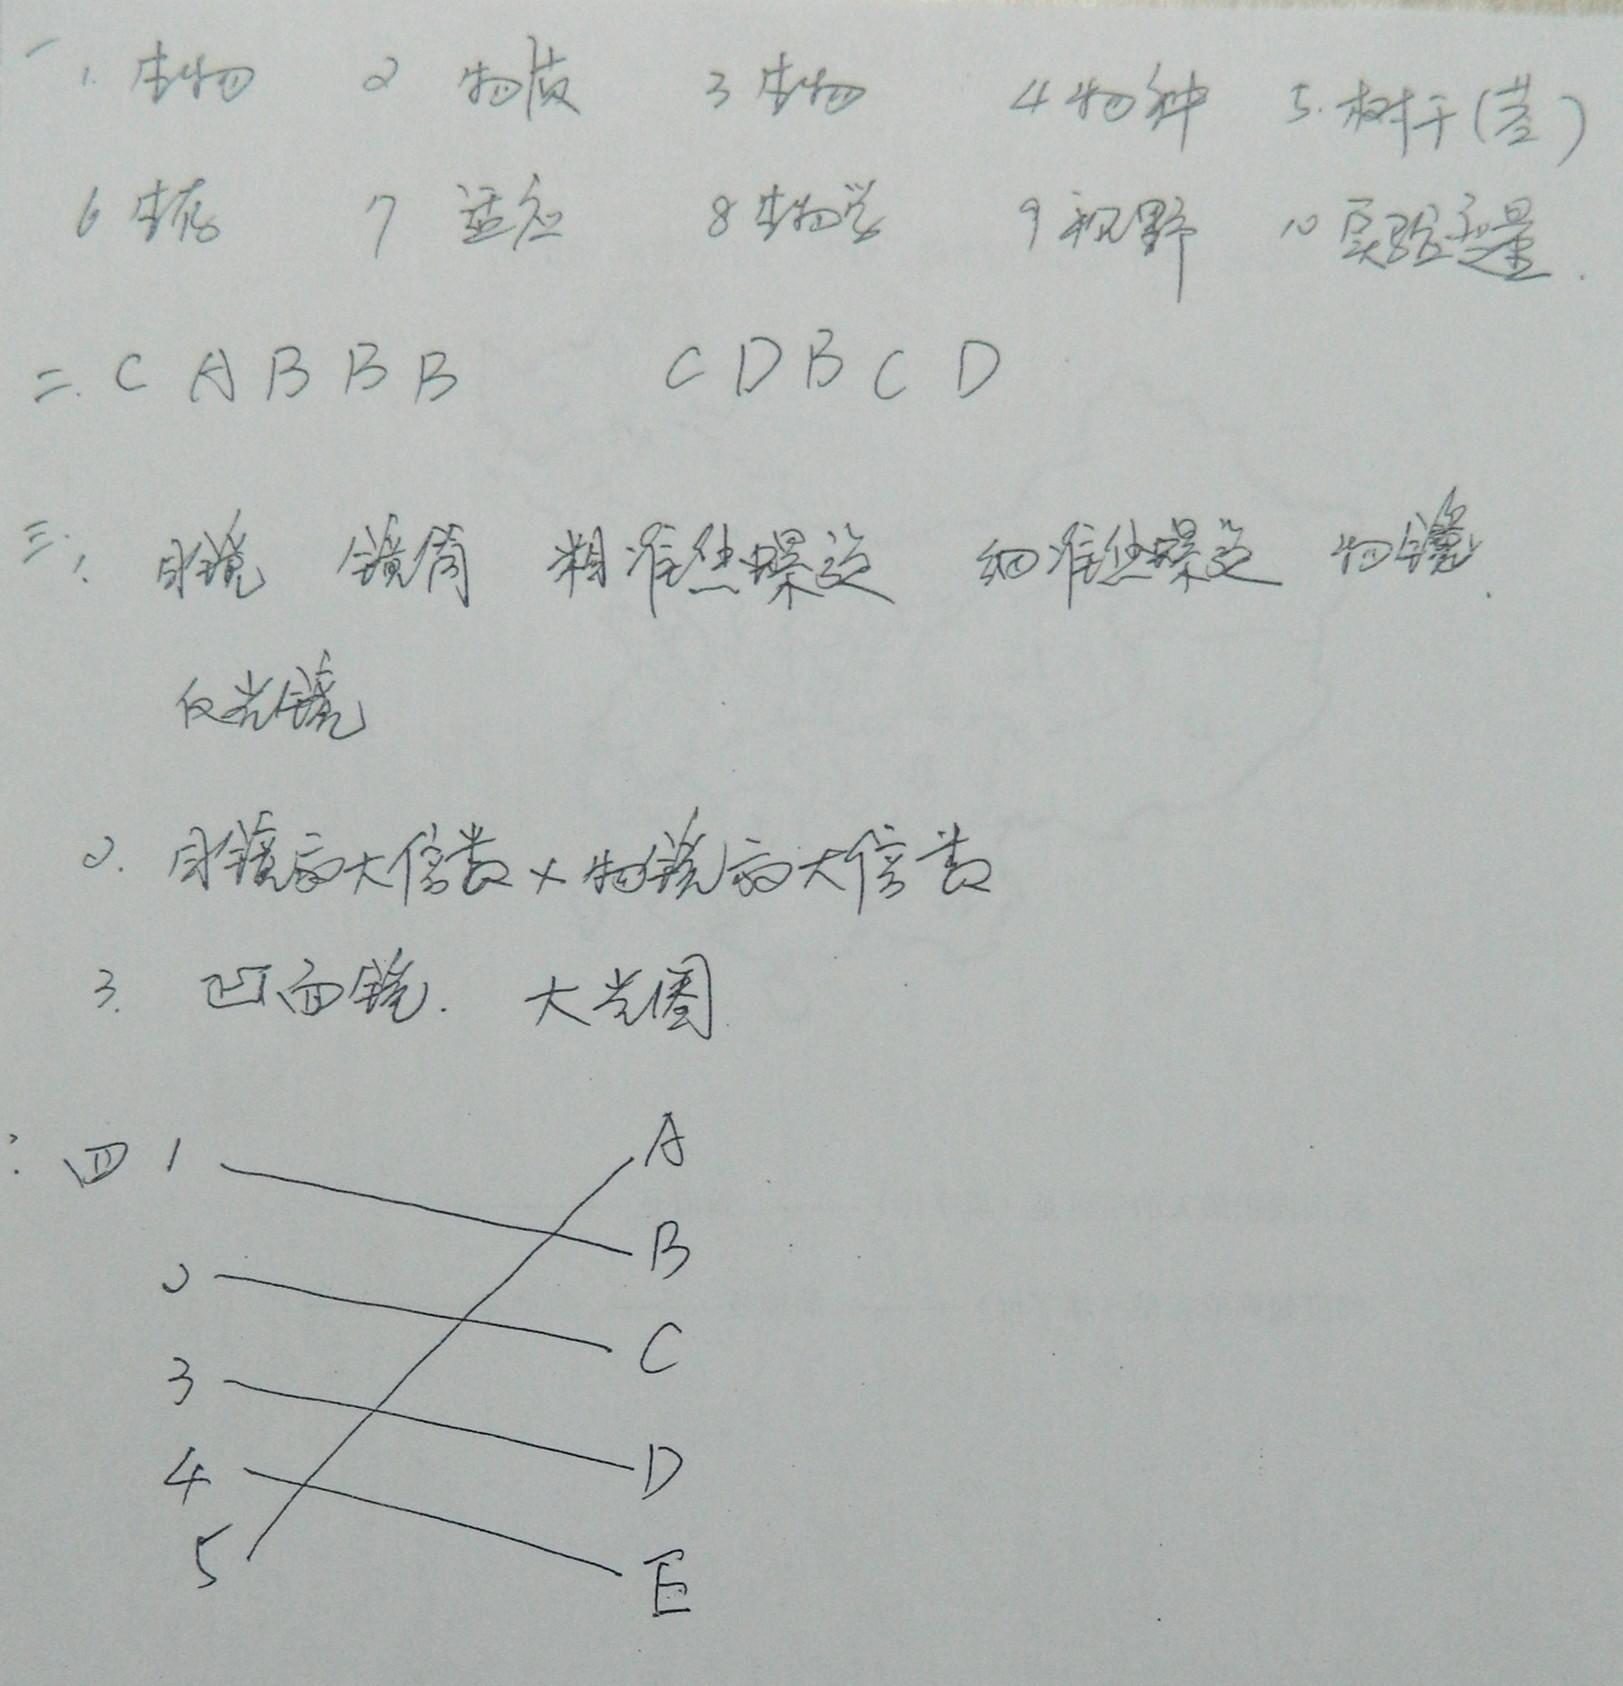 沈阳市2013-2014学年初一第一次月考生物试题参考答案